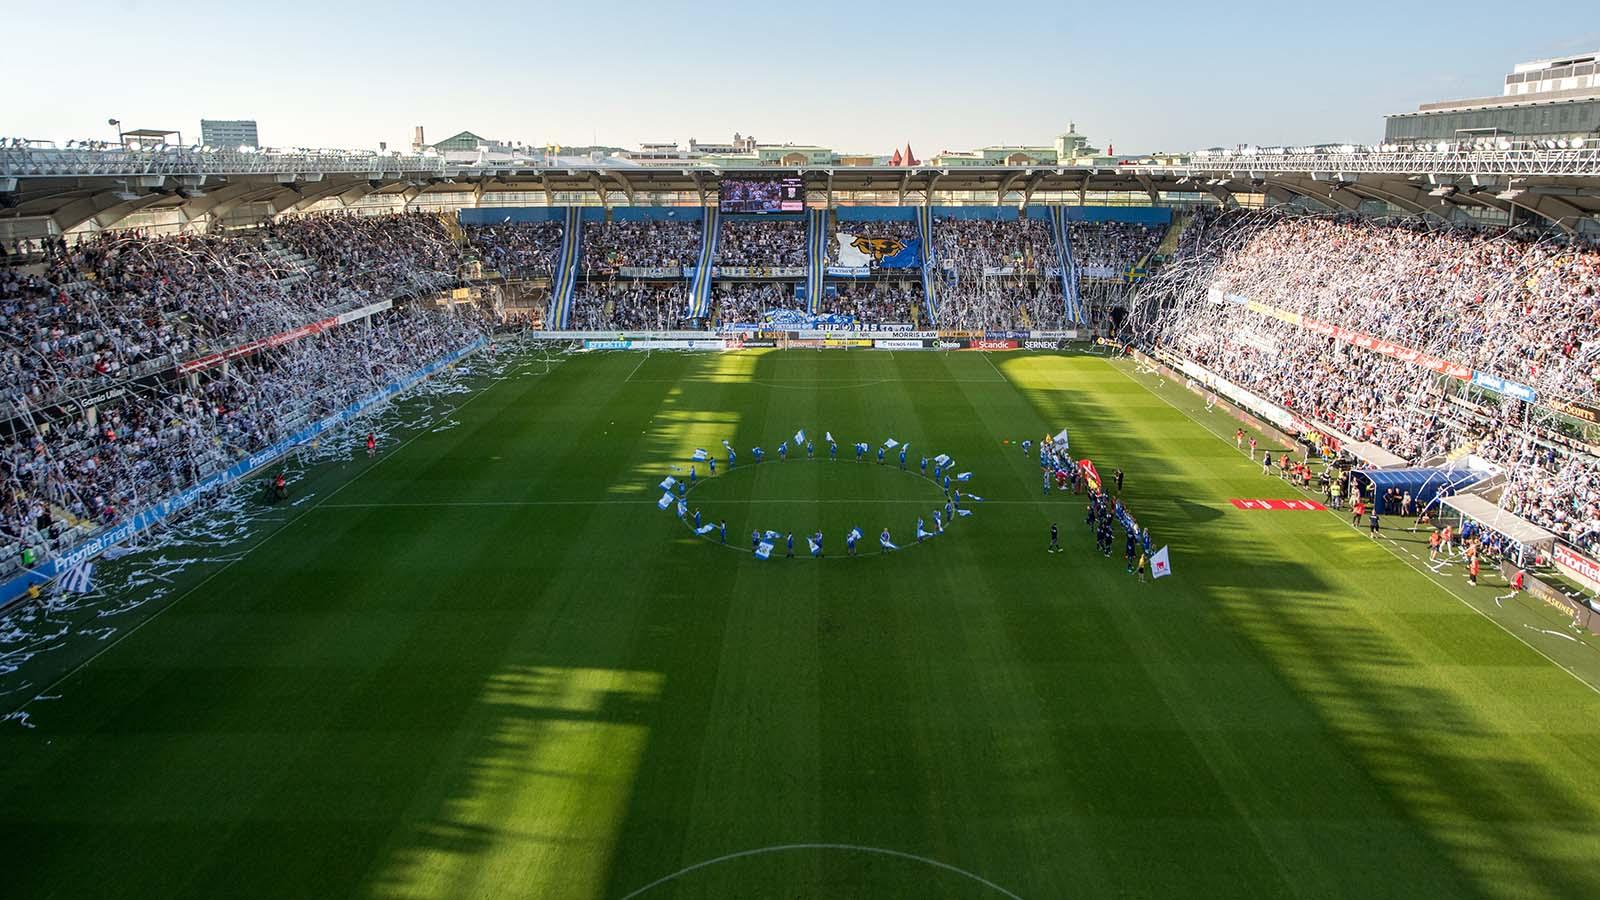 180524 IFK Göteborgs supportrar har tifo på läktaren inför fotbollsmatchen i Allsvenskan mellan IFK Göteborg och Djurgården den 24 maj 2018 i Göteborg. Foto: Carl Sandin / BILDBYRÅN / kod CS / 57999_356